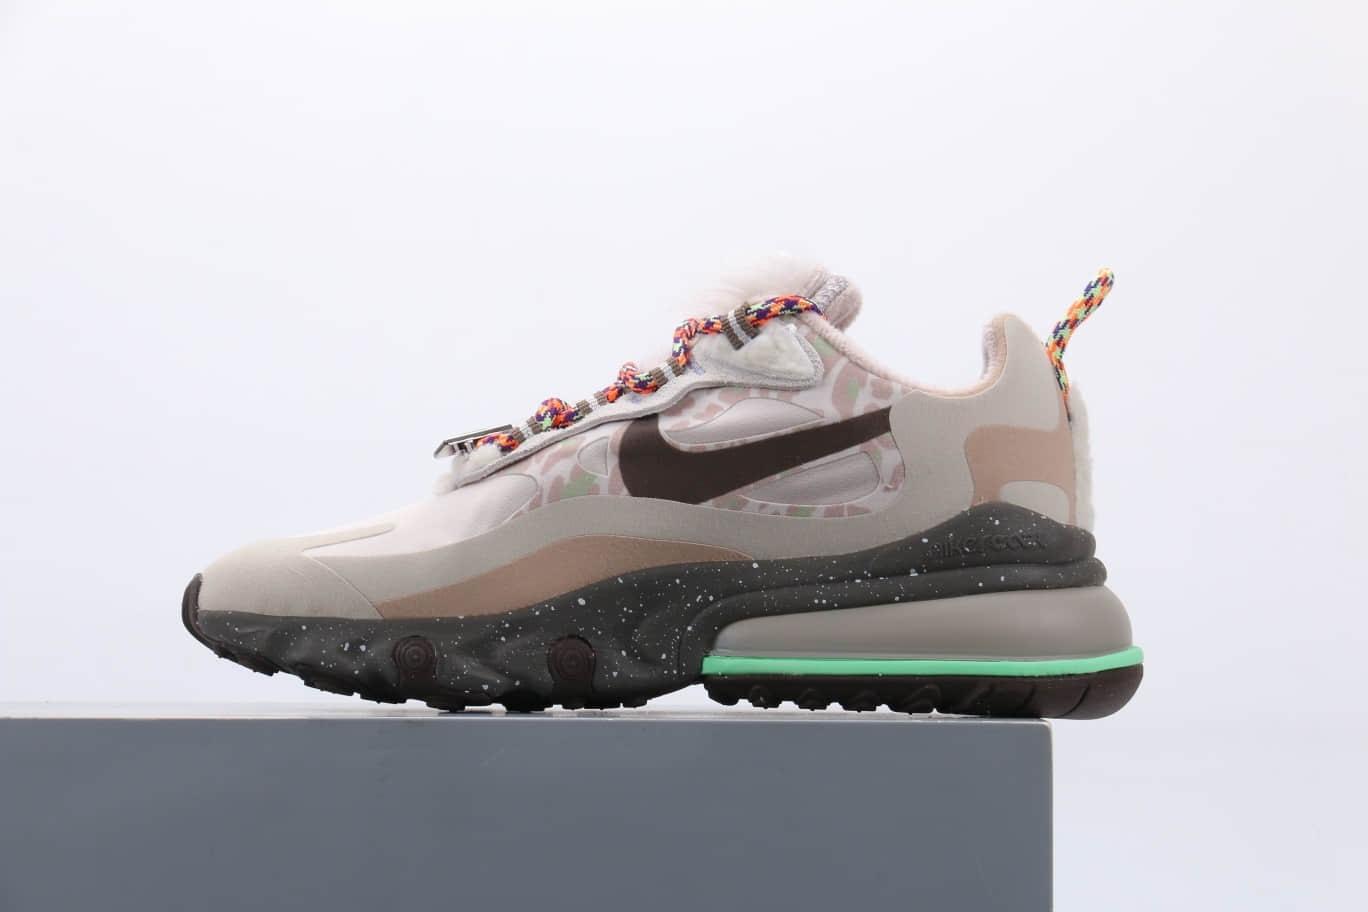 耐克Nike Air Max 270 React cq纯原版本机能半掌Max270珍珠七彩带鹅毛绒套装气垫鞋原档案数据开发 货号:DC3277-181